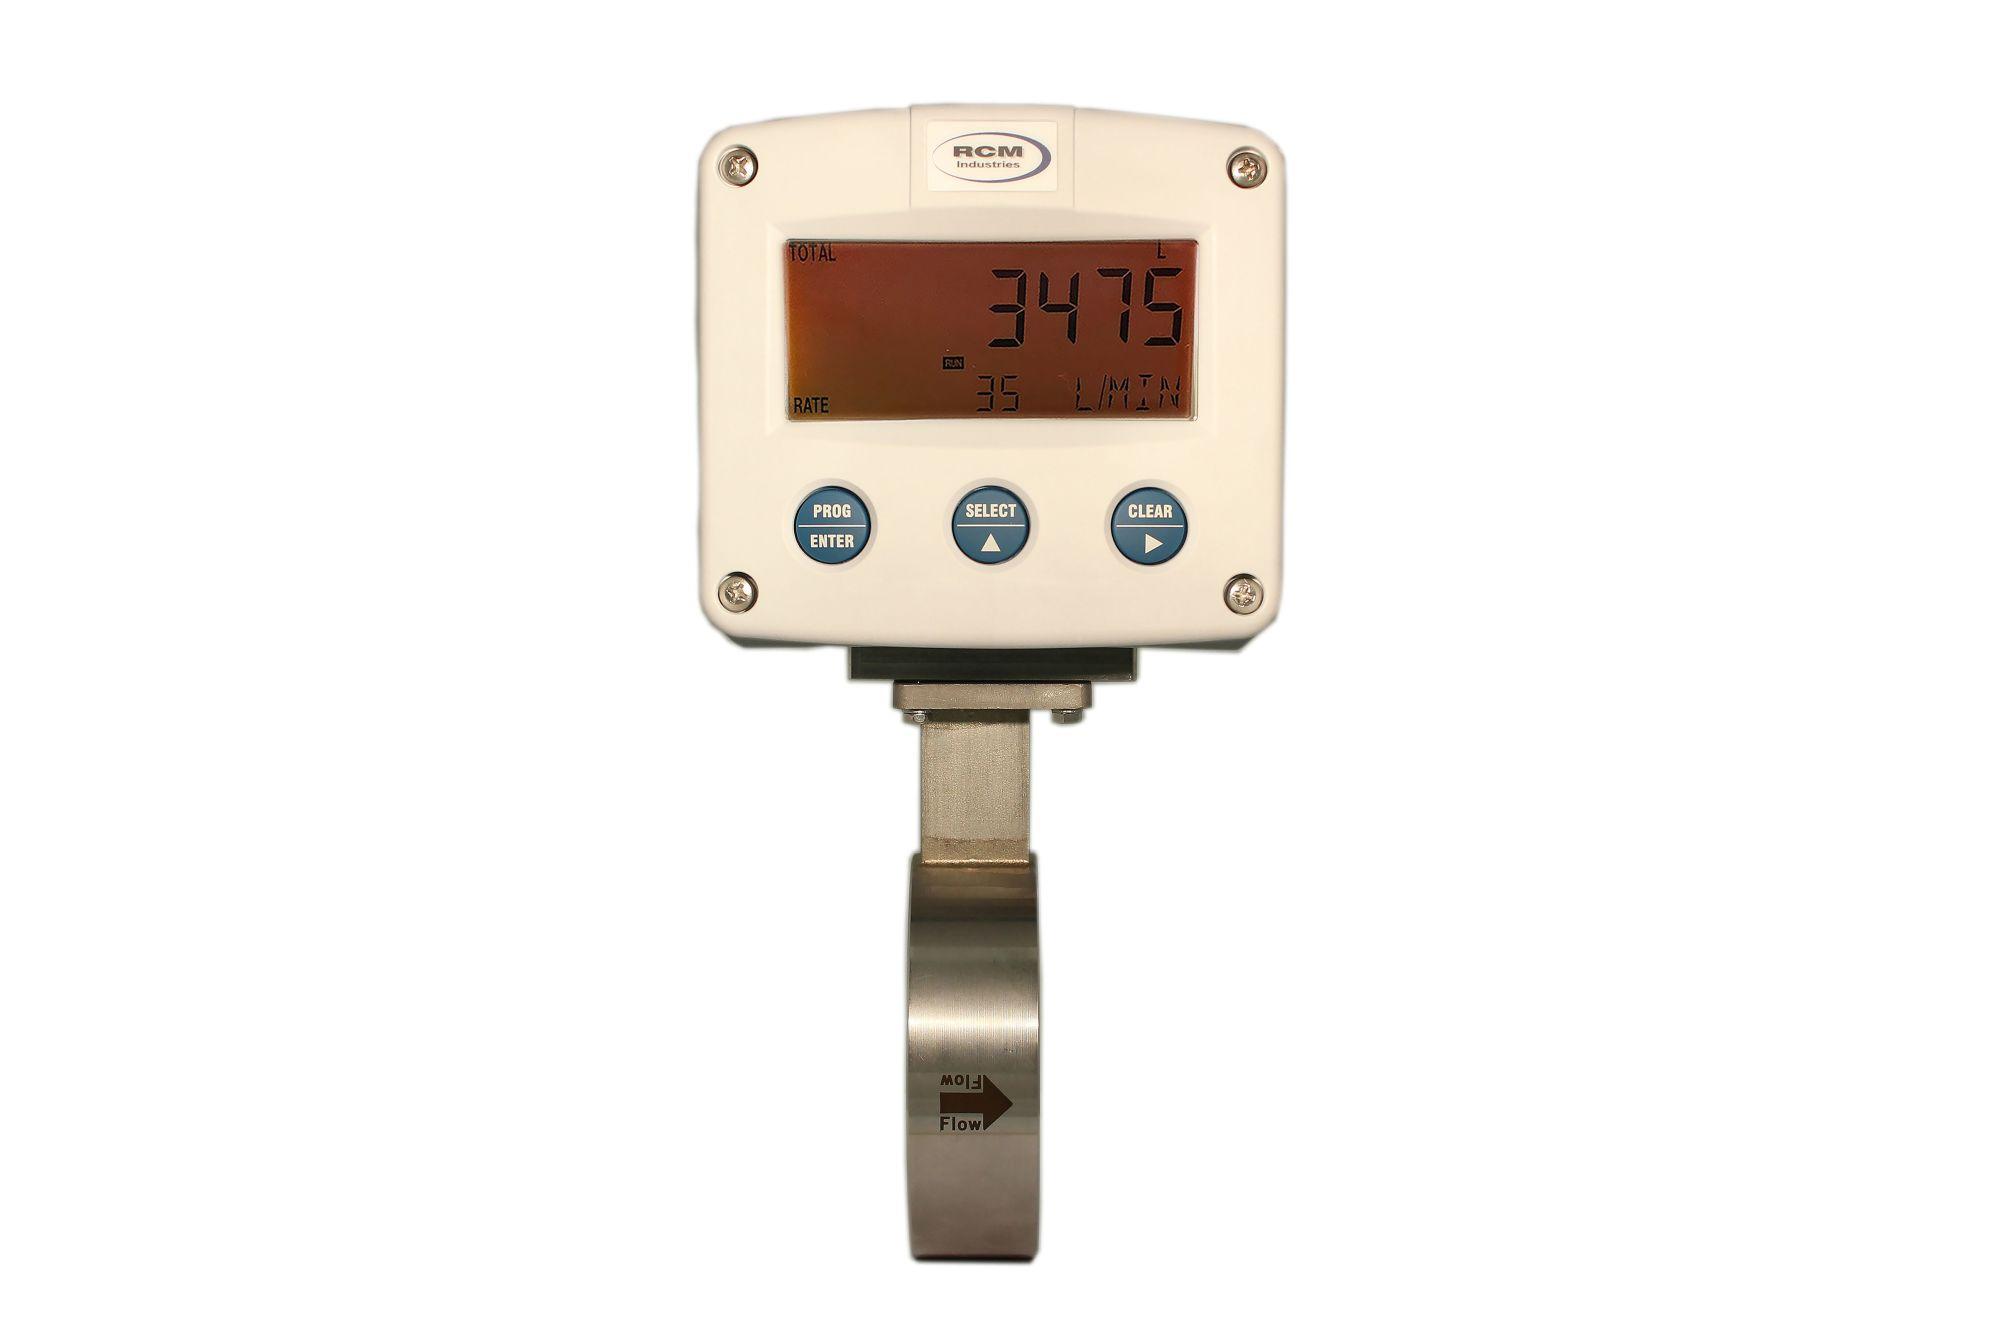 Imagen de: RCM industries - Medidor de flujo de presión diferencial para gases, para conexión con bridas, indicador digital